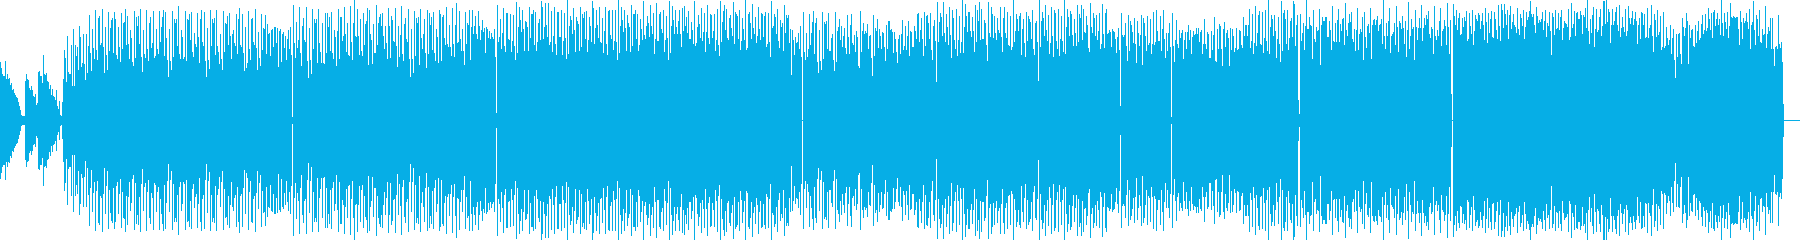 どことなく牧歌的なビッグビートの再生済みの波形